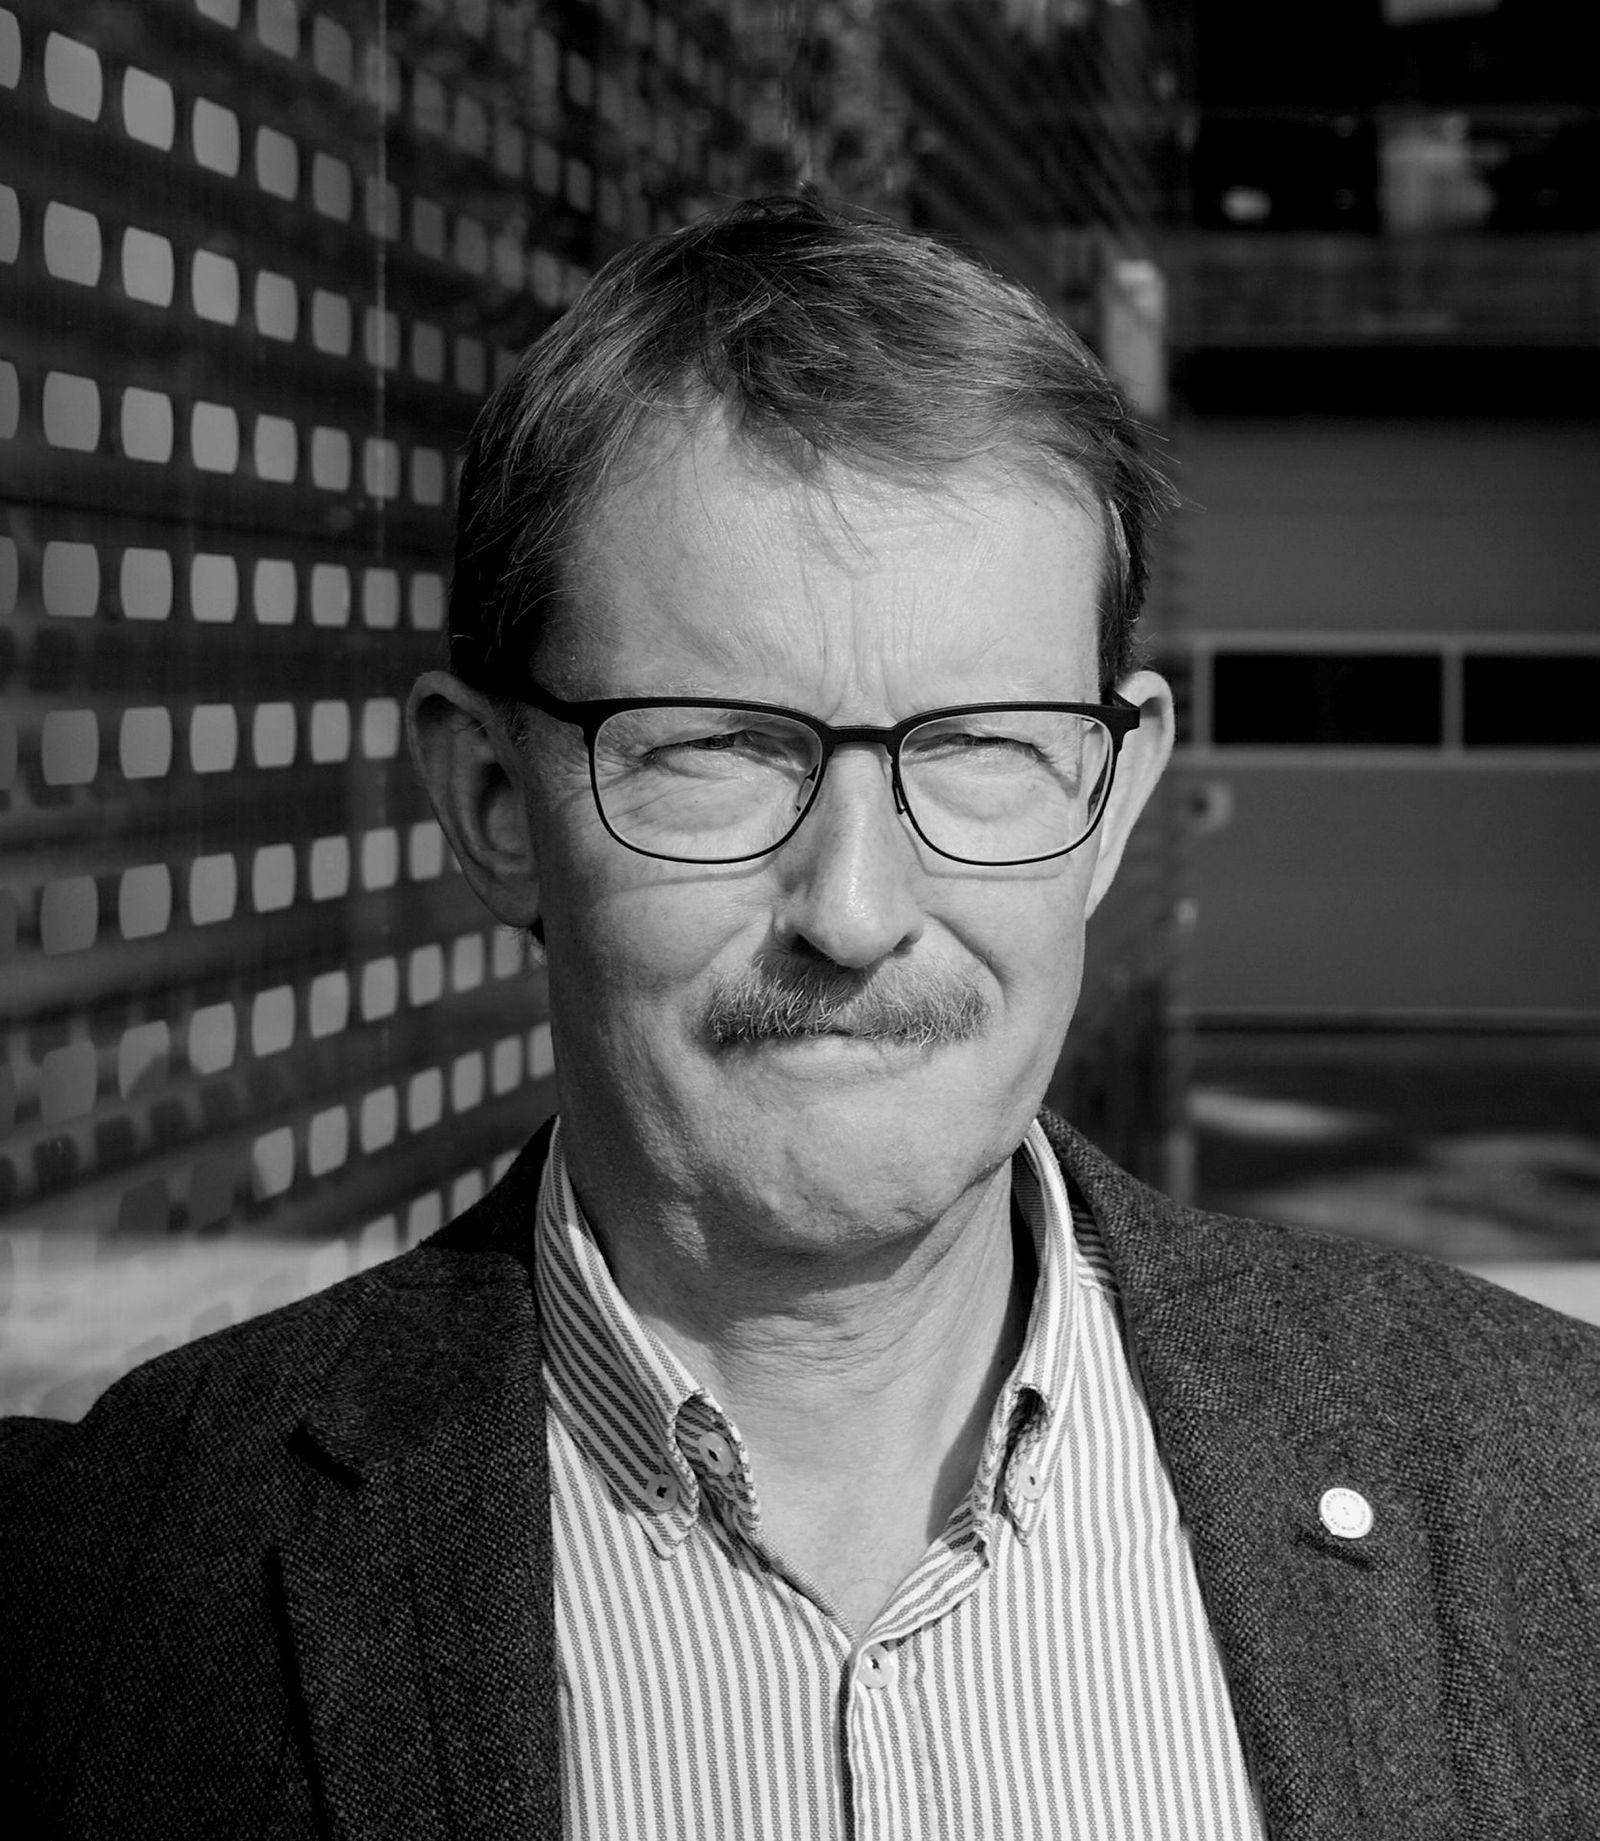 Nils Inge Hitland